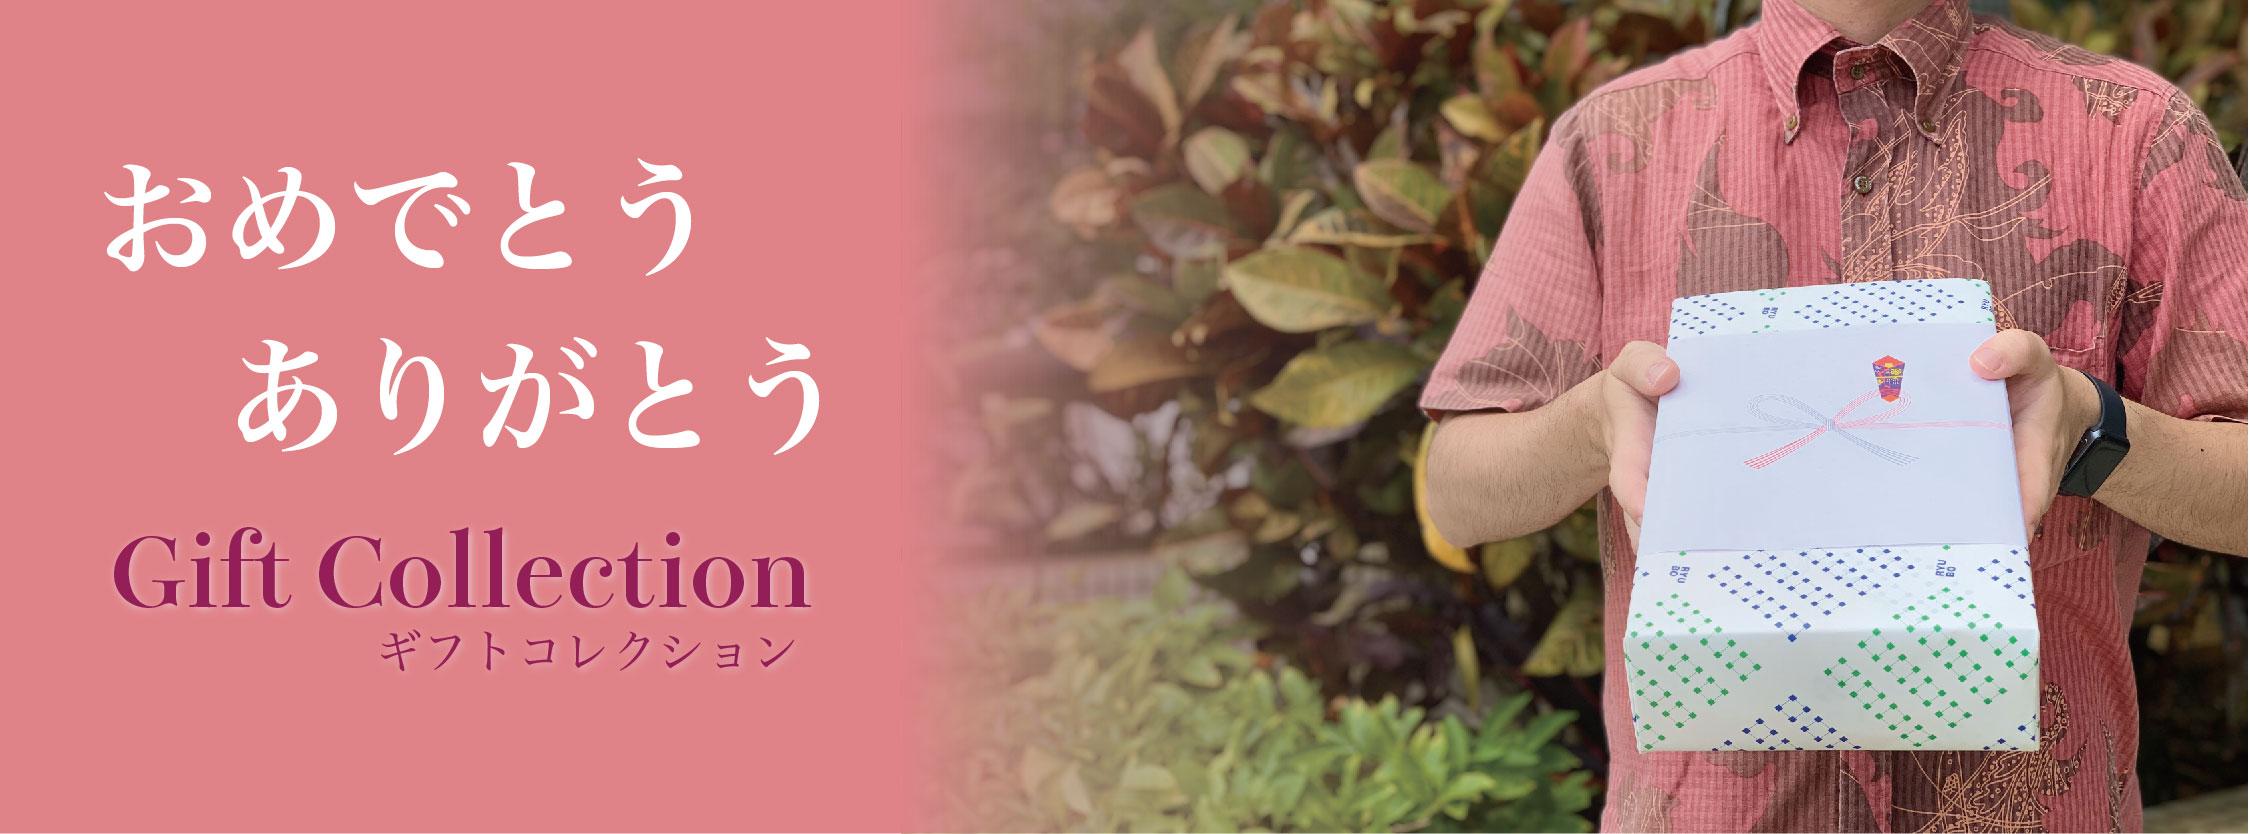 琉球シャツ - ピエール・カルダン